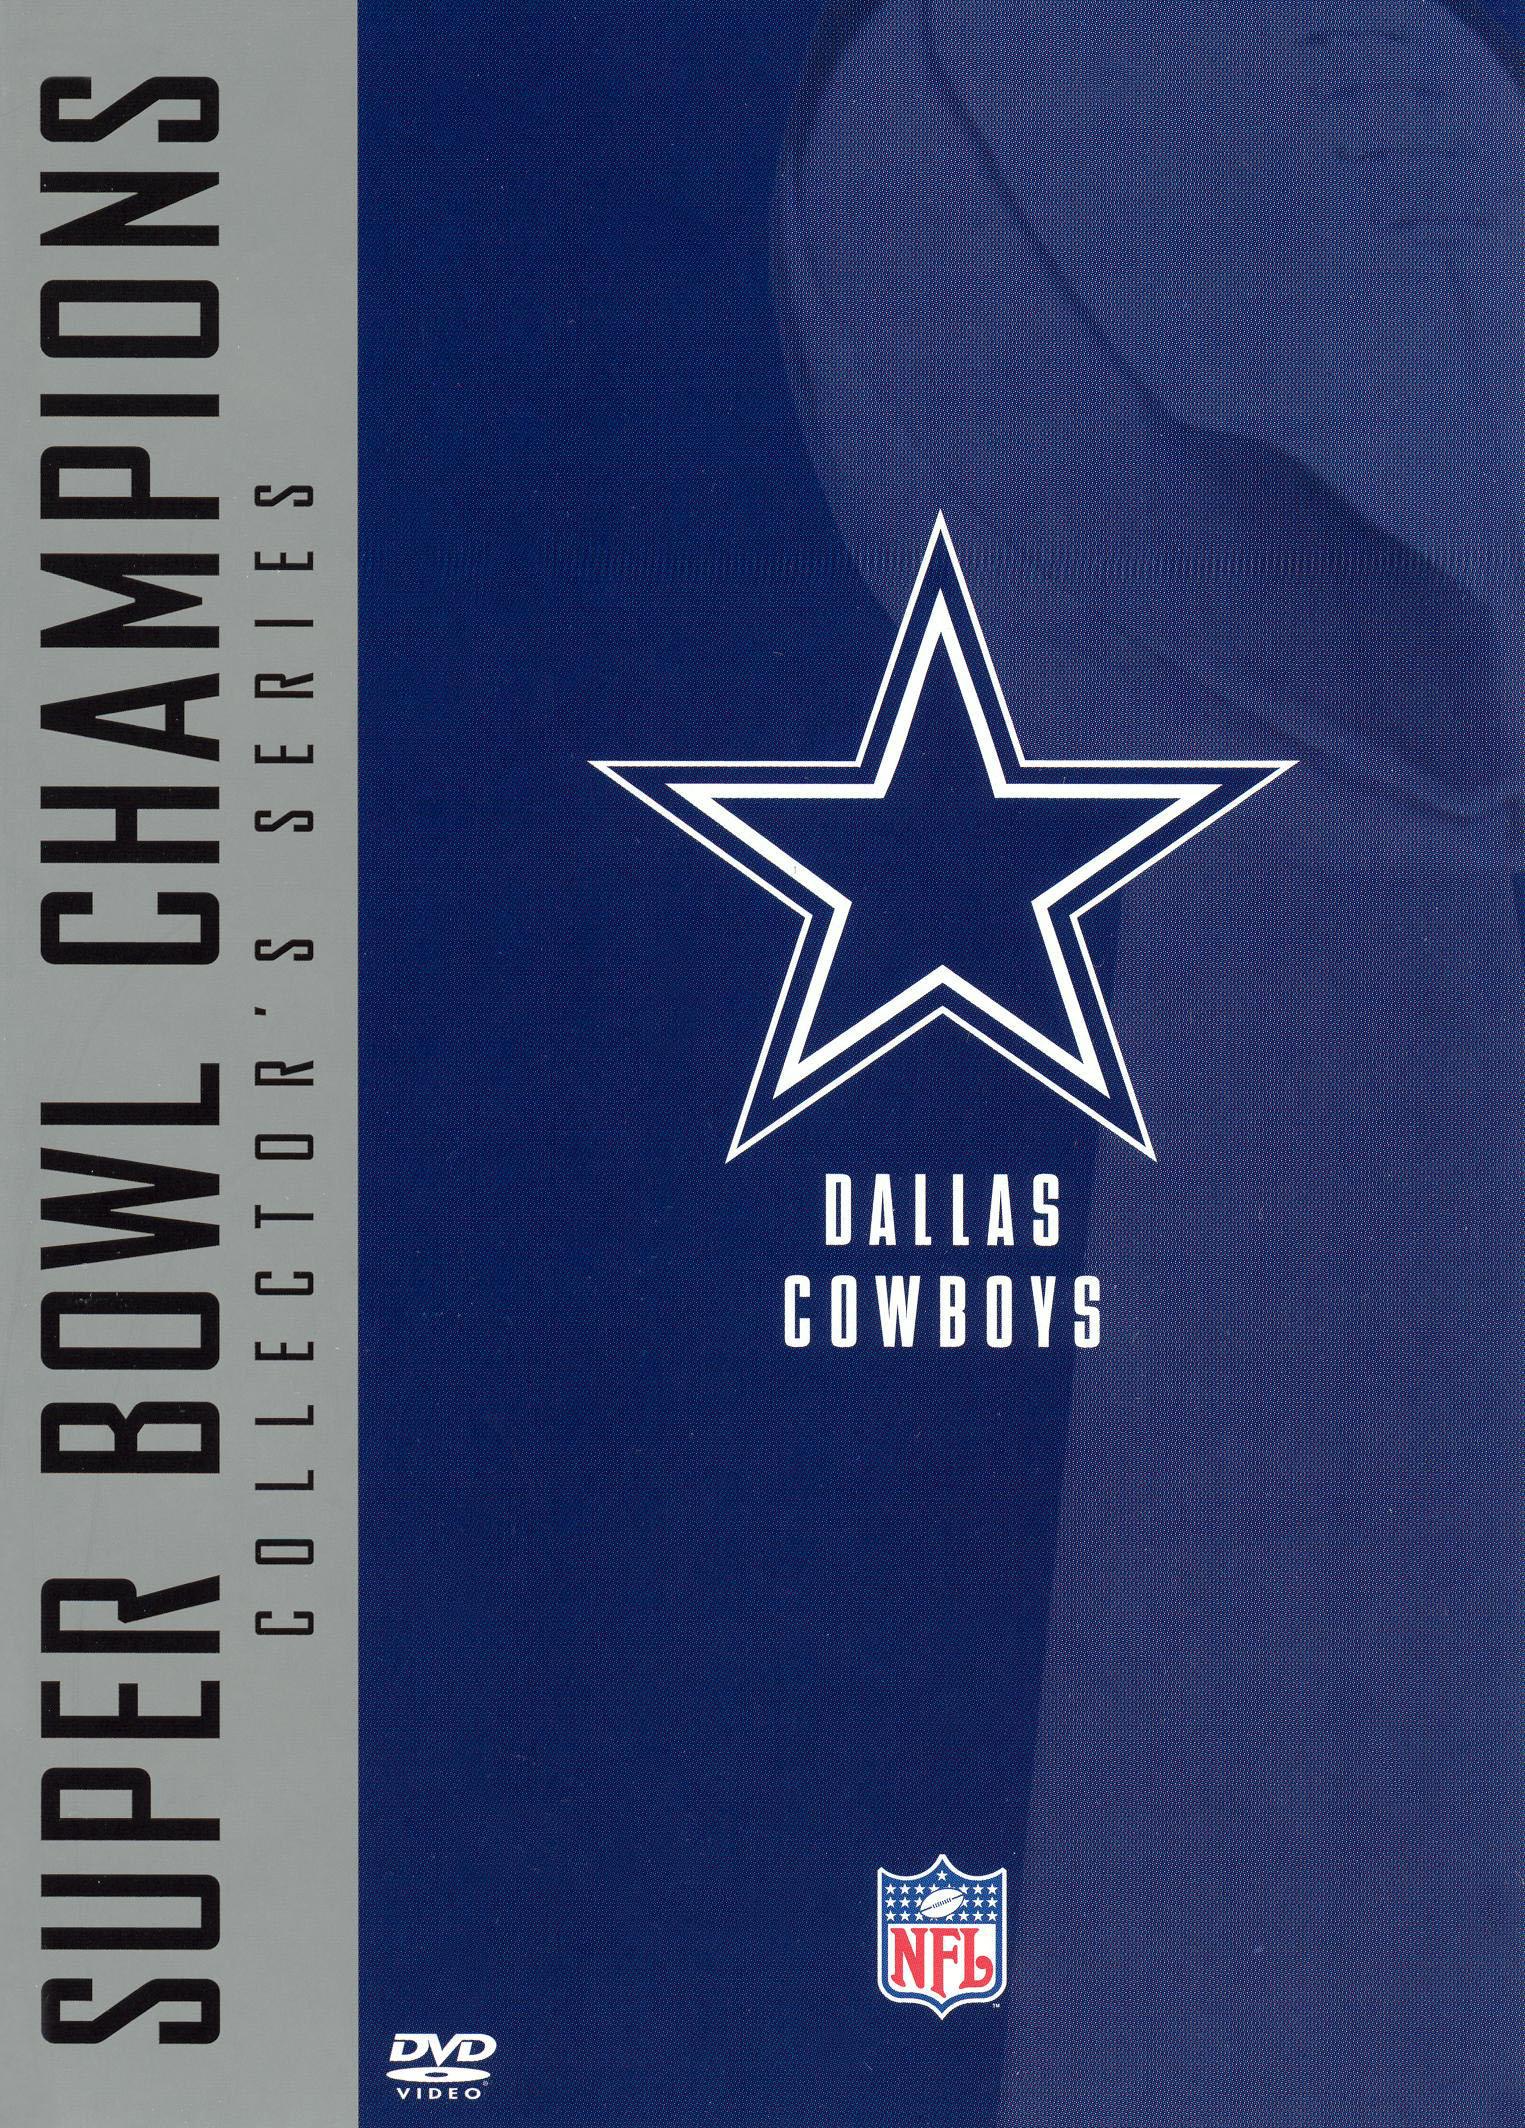 NFL: Super Bowl Champions - Dallas Cowboys